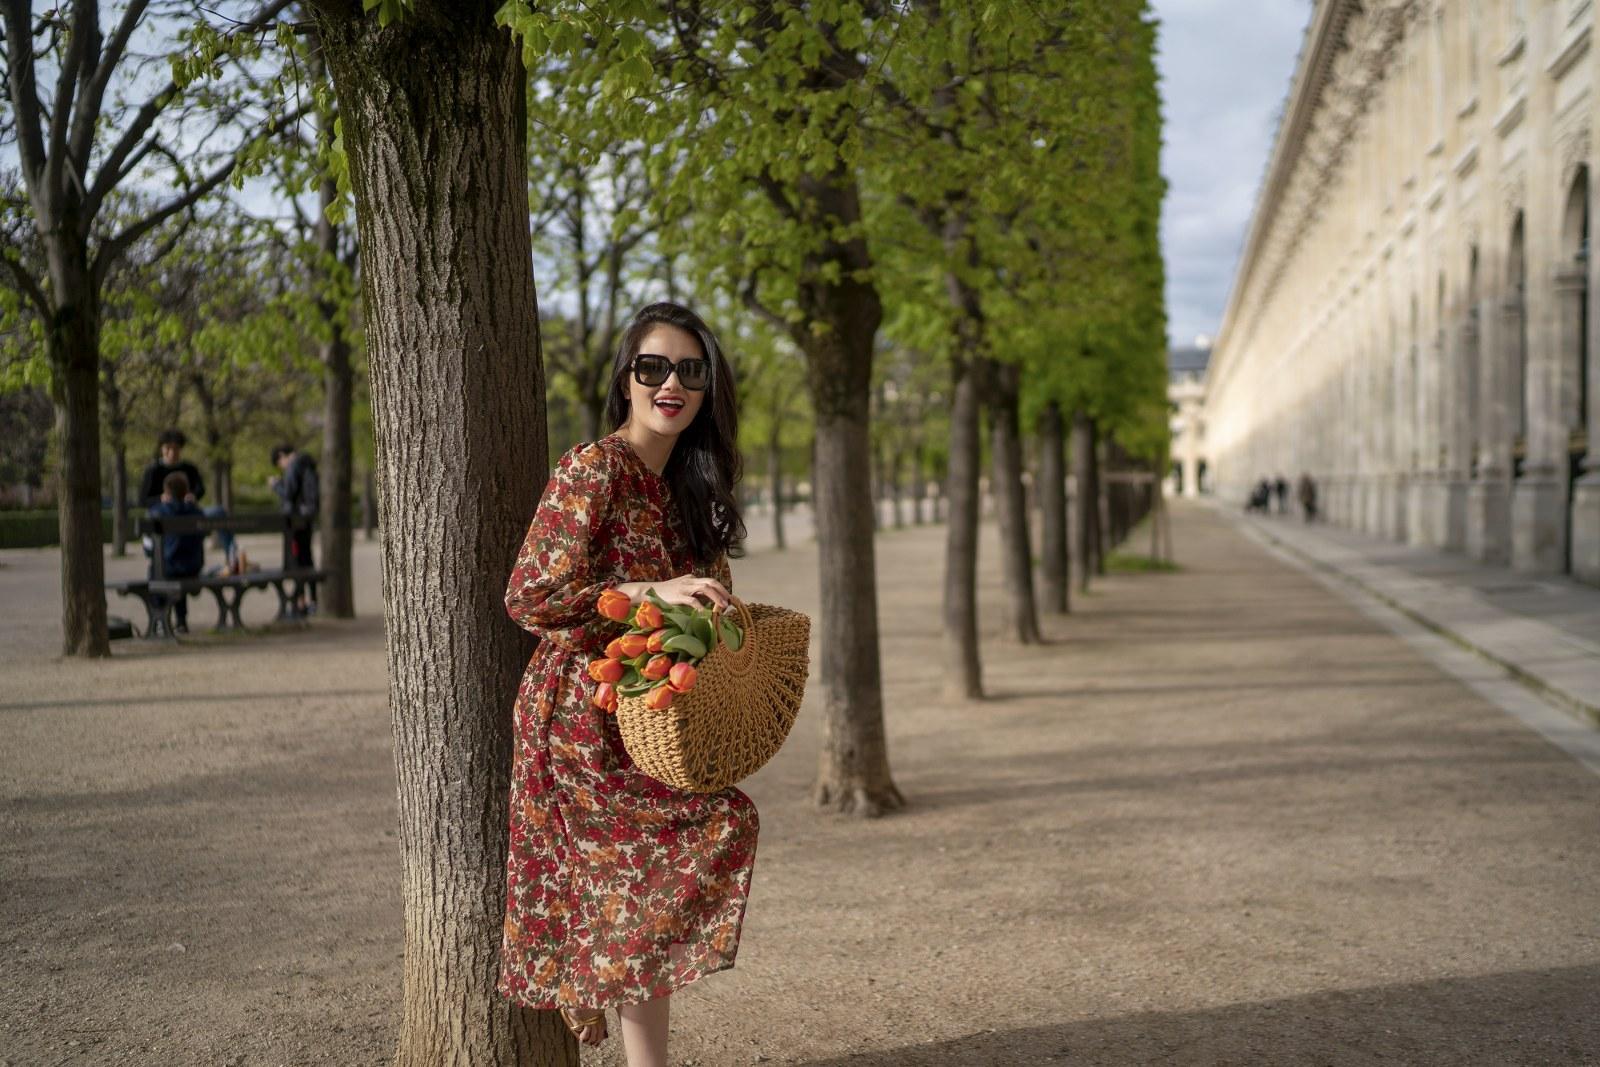 Những chiếc váy cực xinh cho nàng hạ cơn khát váy hoa mùa hè Ảnh 12